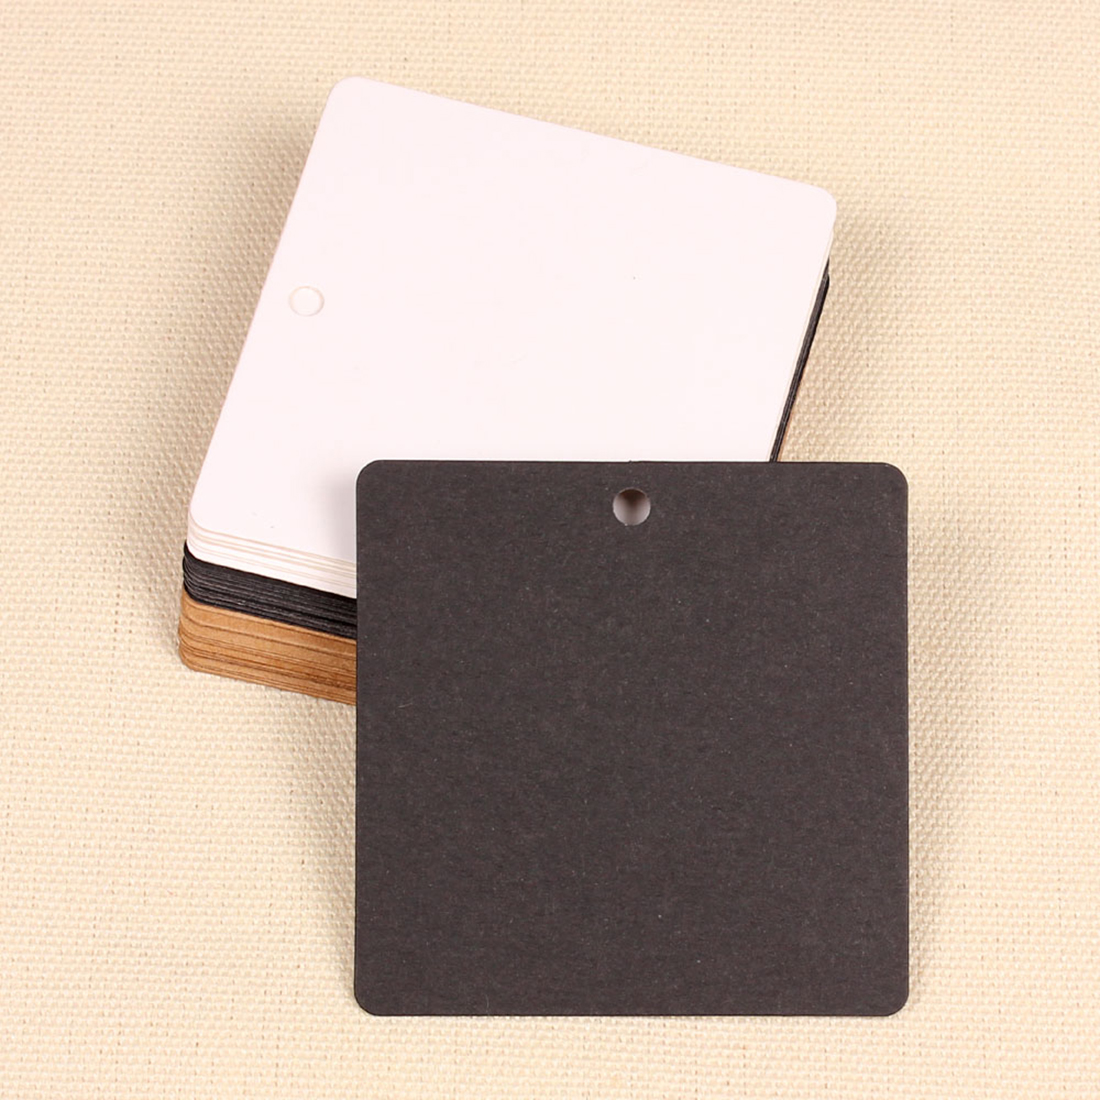 Квадратных пустые крафт-Бумага подарок теги Свадебный гребешок важны Чемодан 10 шт./комп ...